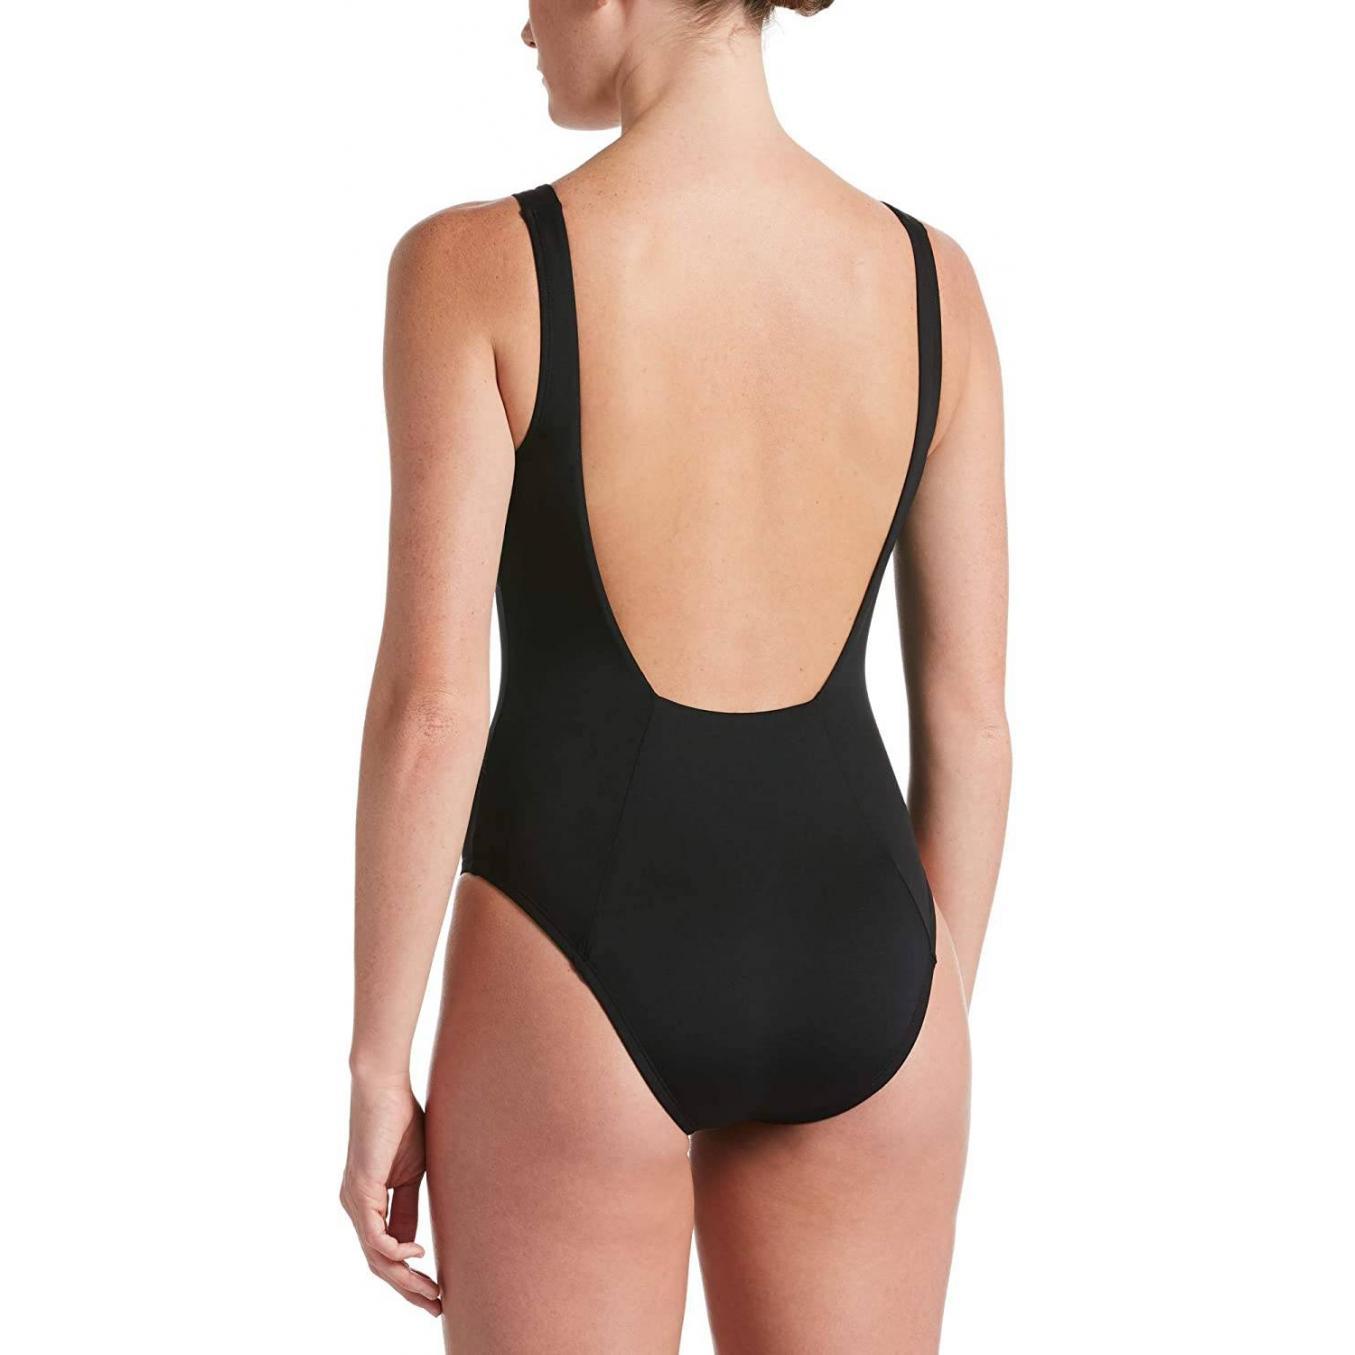 Damski strój kąpielowy jednoczęściowy Nike NESSA306-001